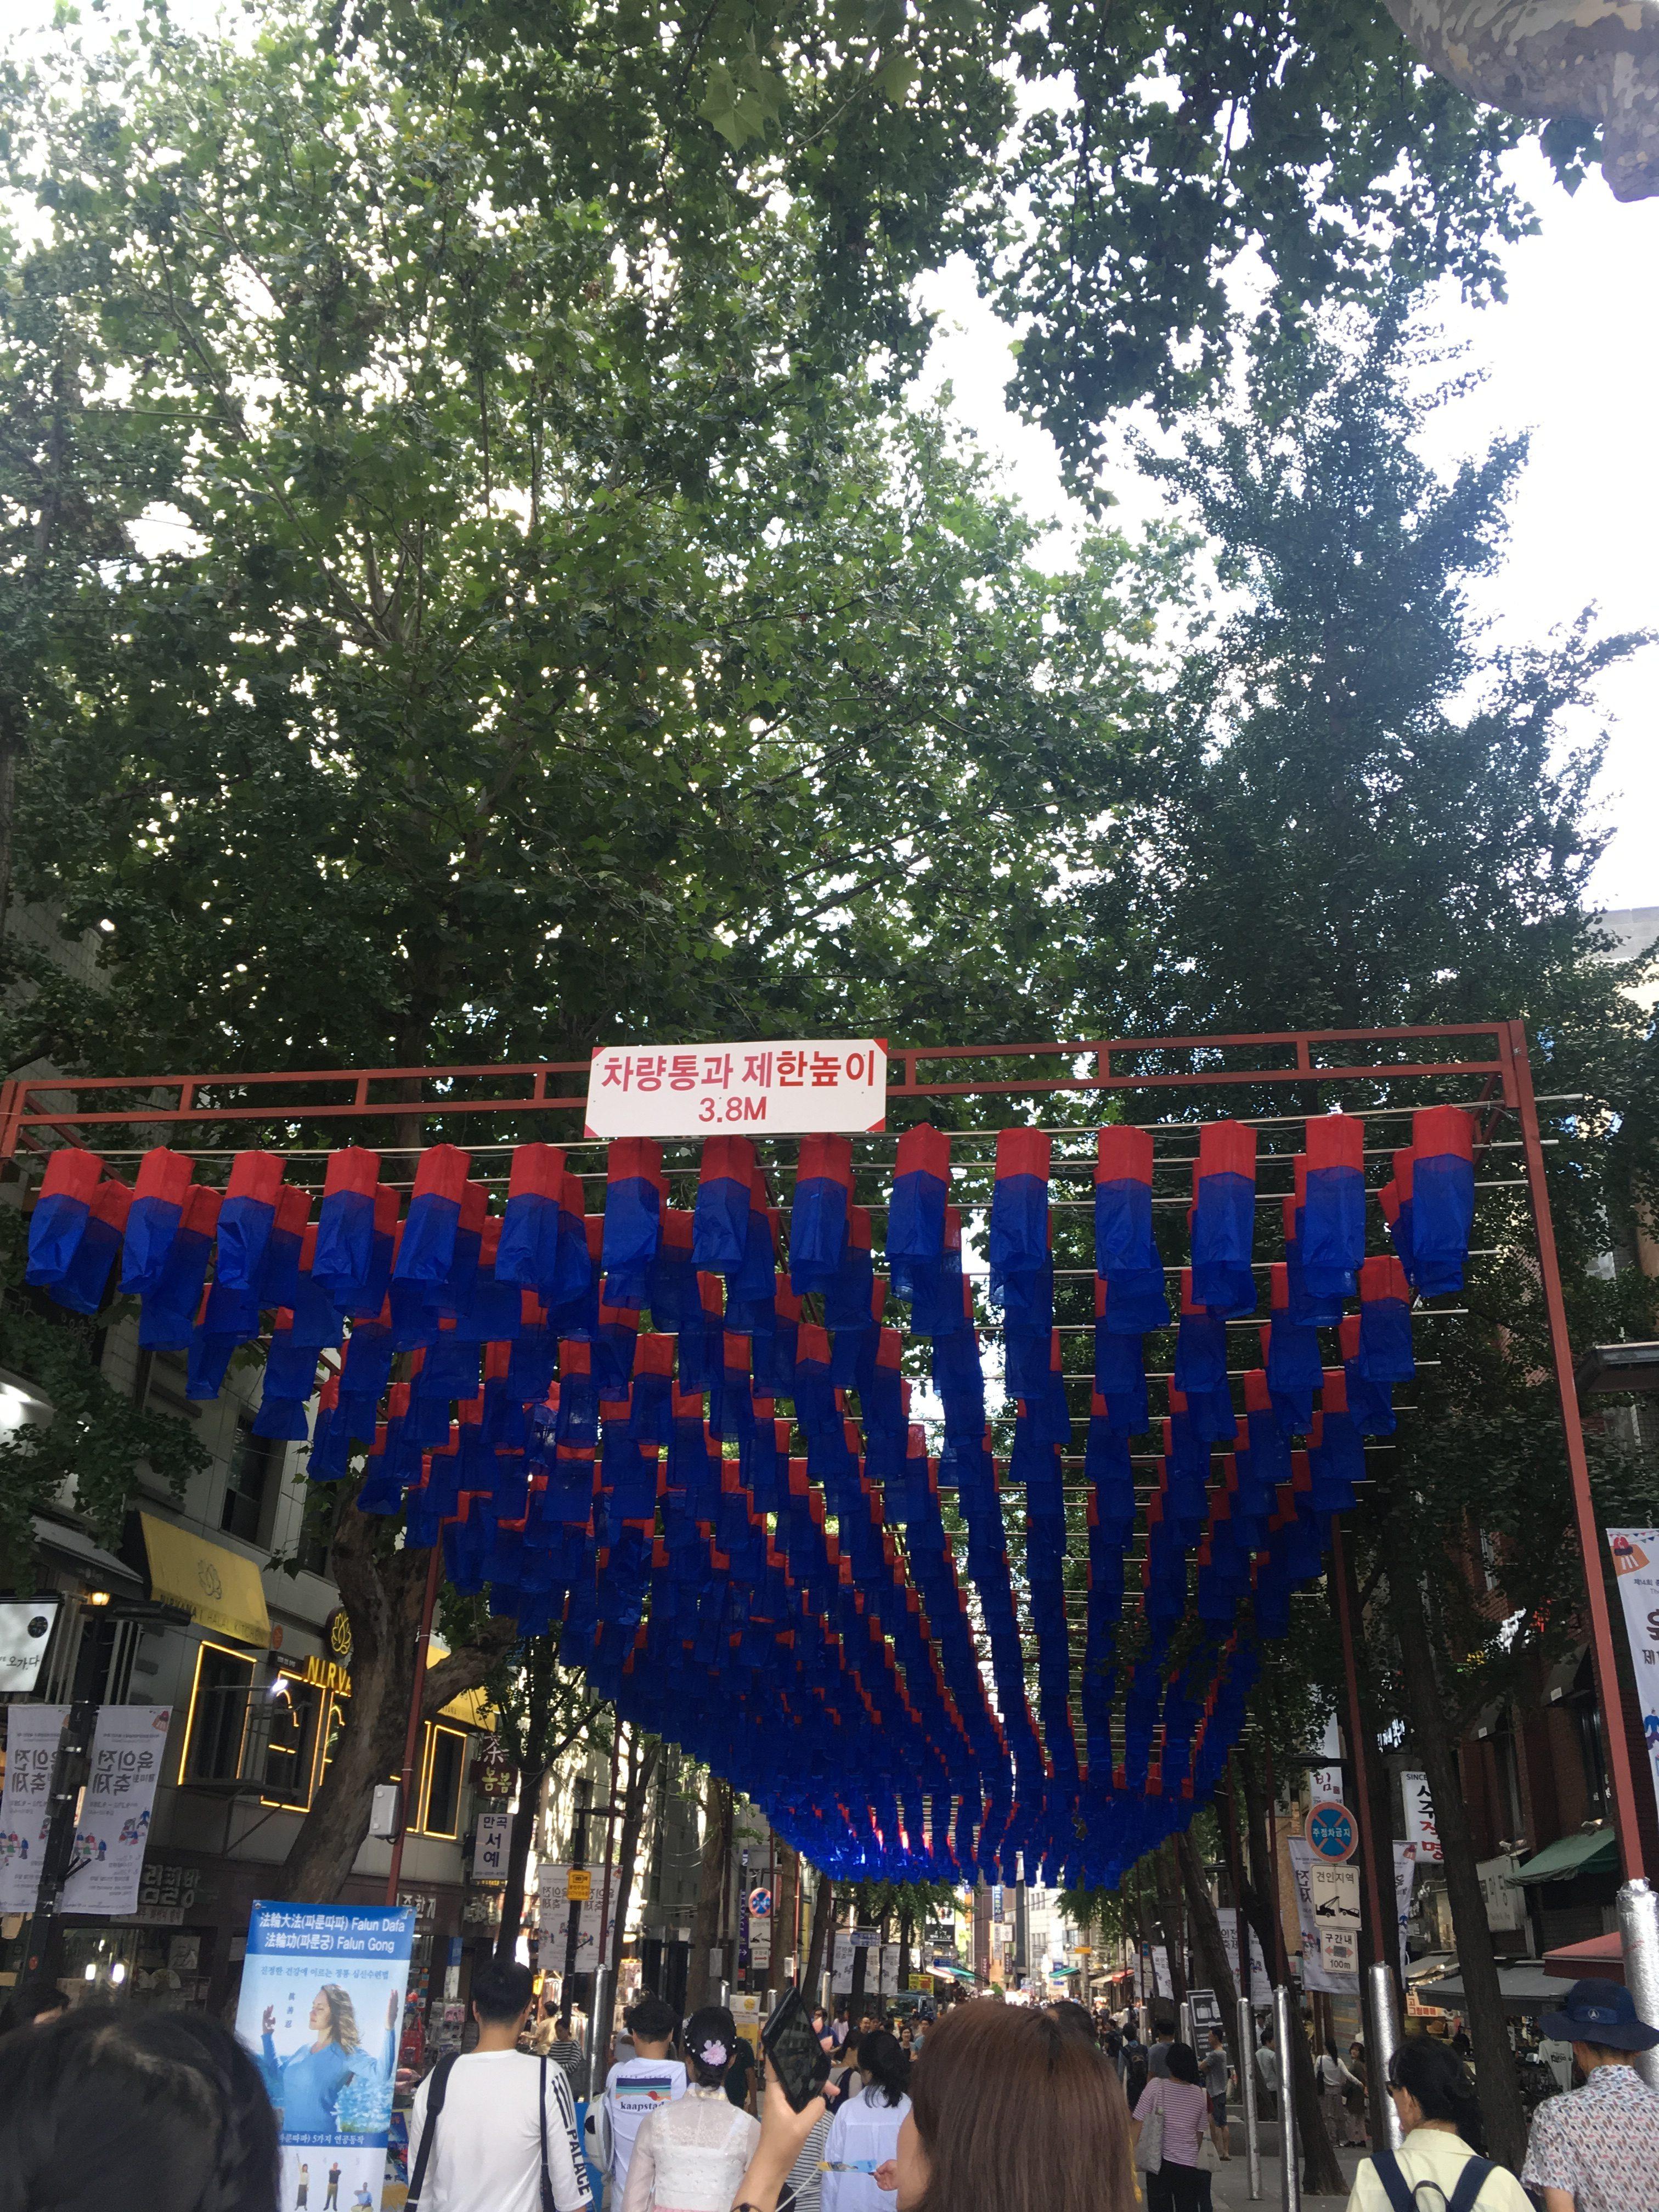 2019年9月 韓国旅行は危ない? いえ、安心安全に楽しんできました!